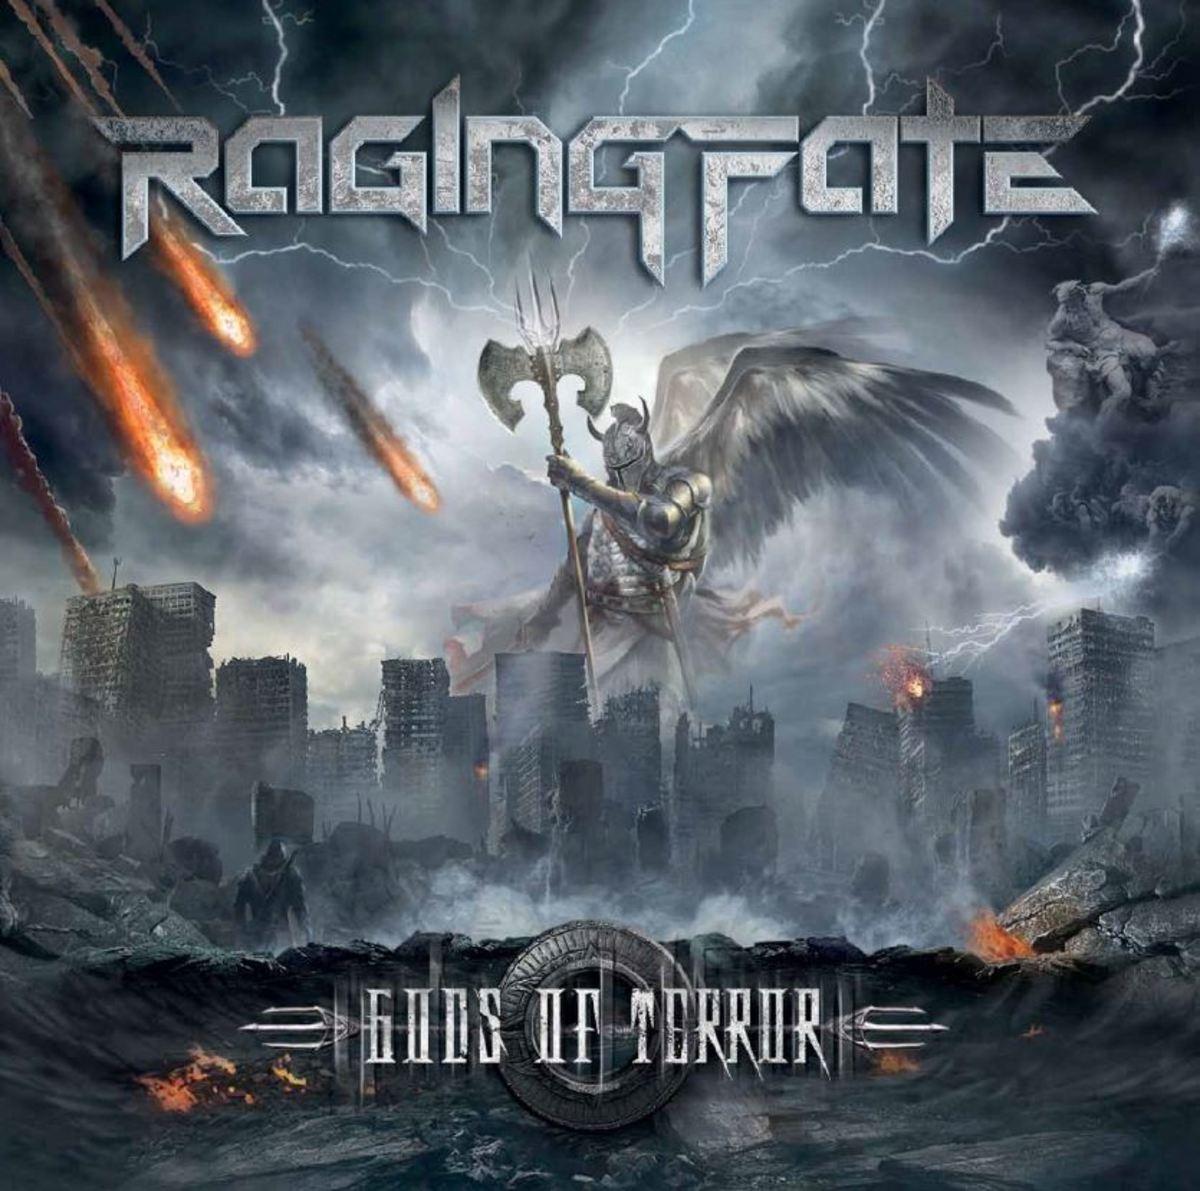 raging-fate-gods-of-terror-2017-album-review